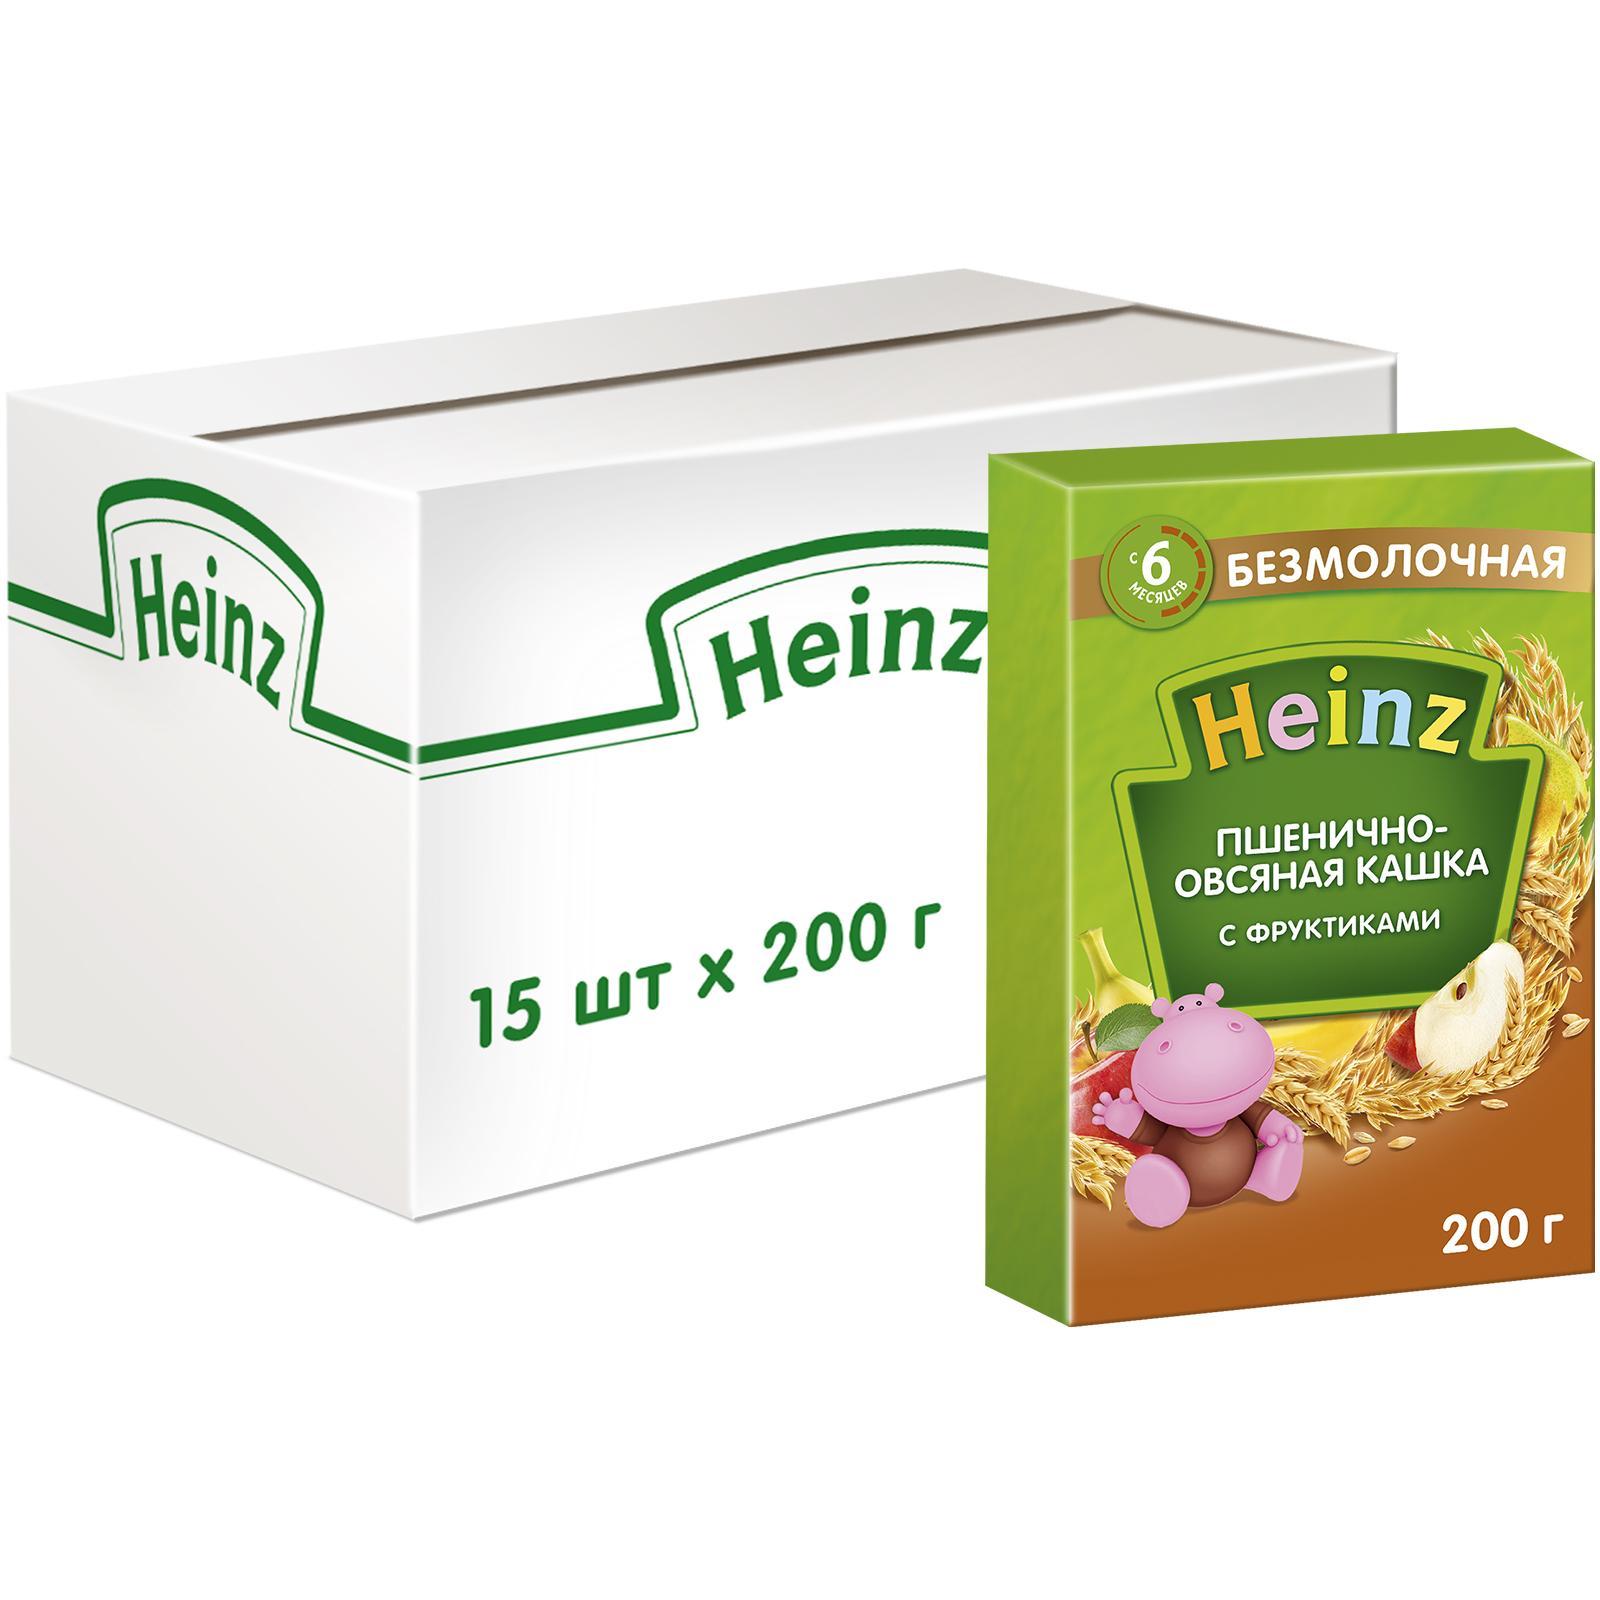 Каша безмолочная Heinz Пшенично-овсяная с фруктами с 6 мес. 200 г, 15 шт. фото